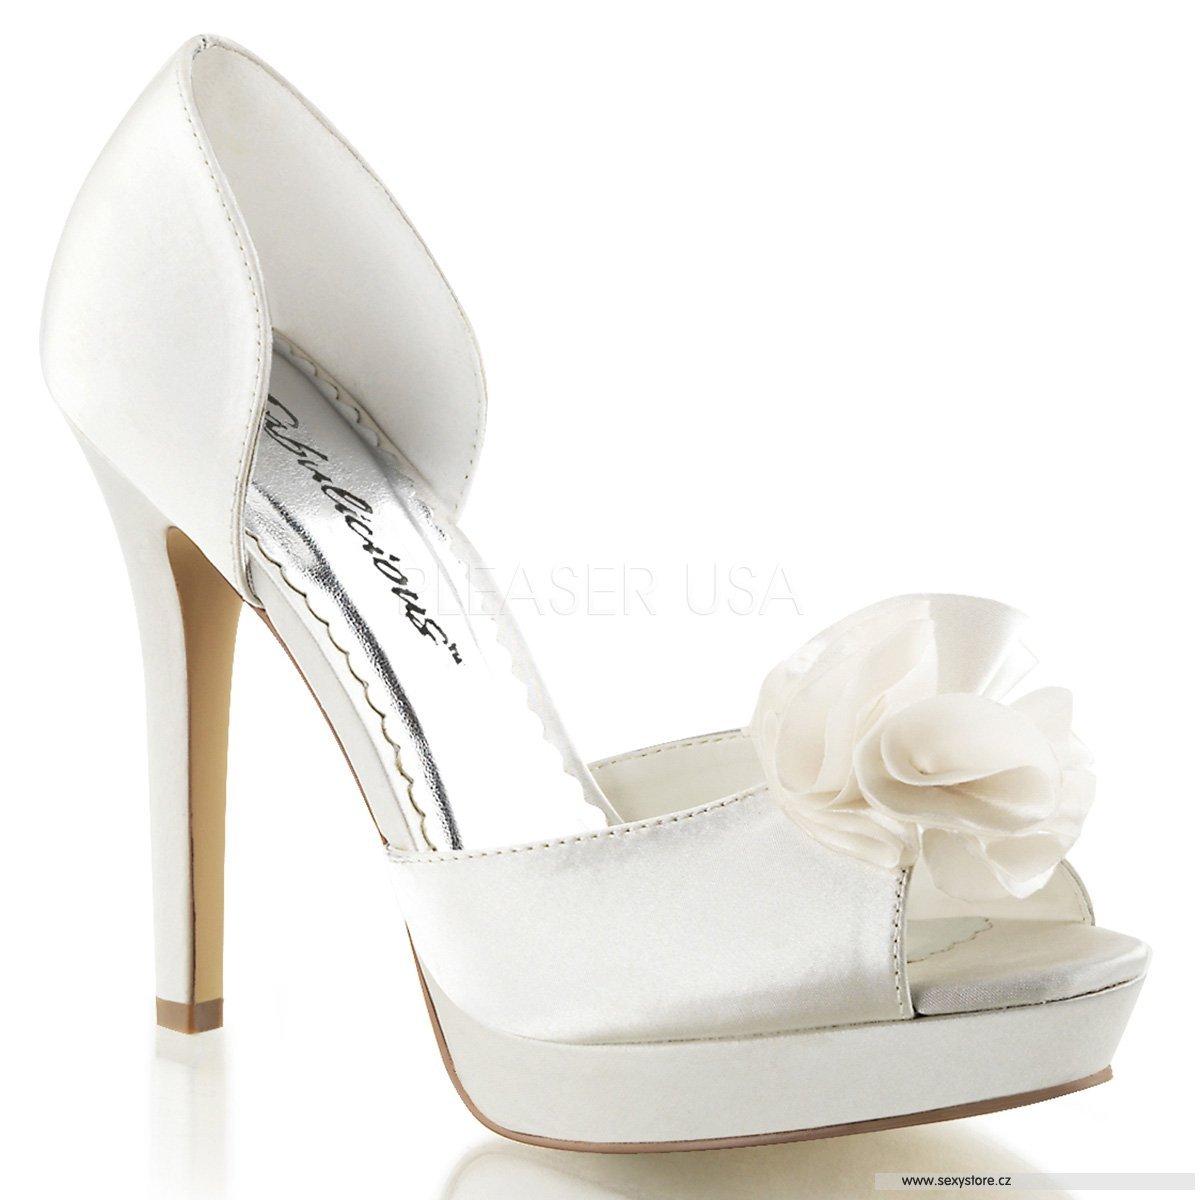 e6387b28796 Bílé svatební boty na podpatku LUMINA-34 IVSA